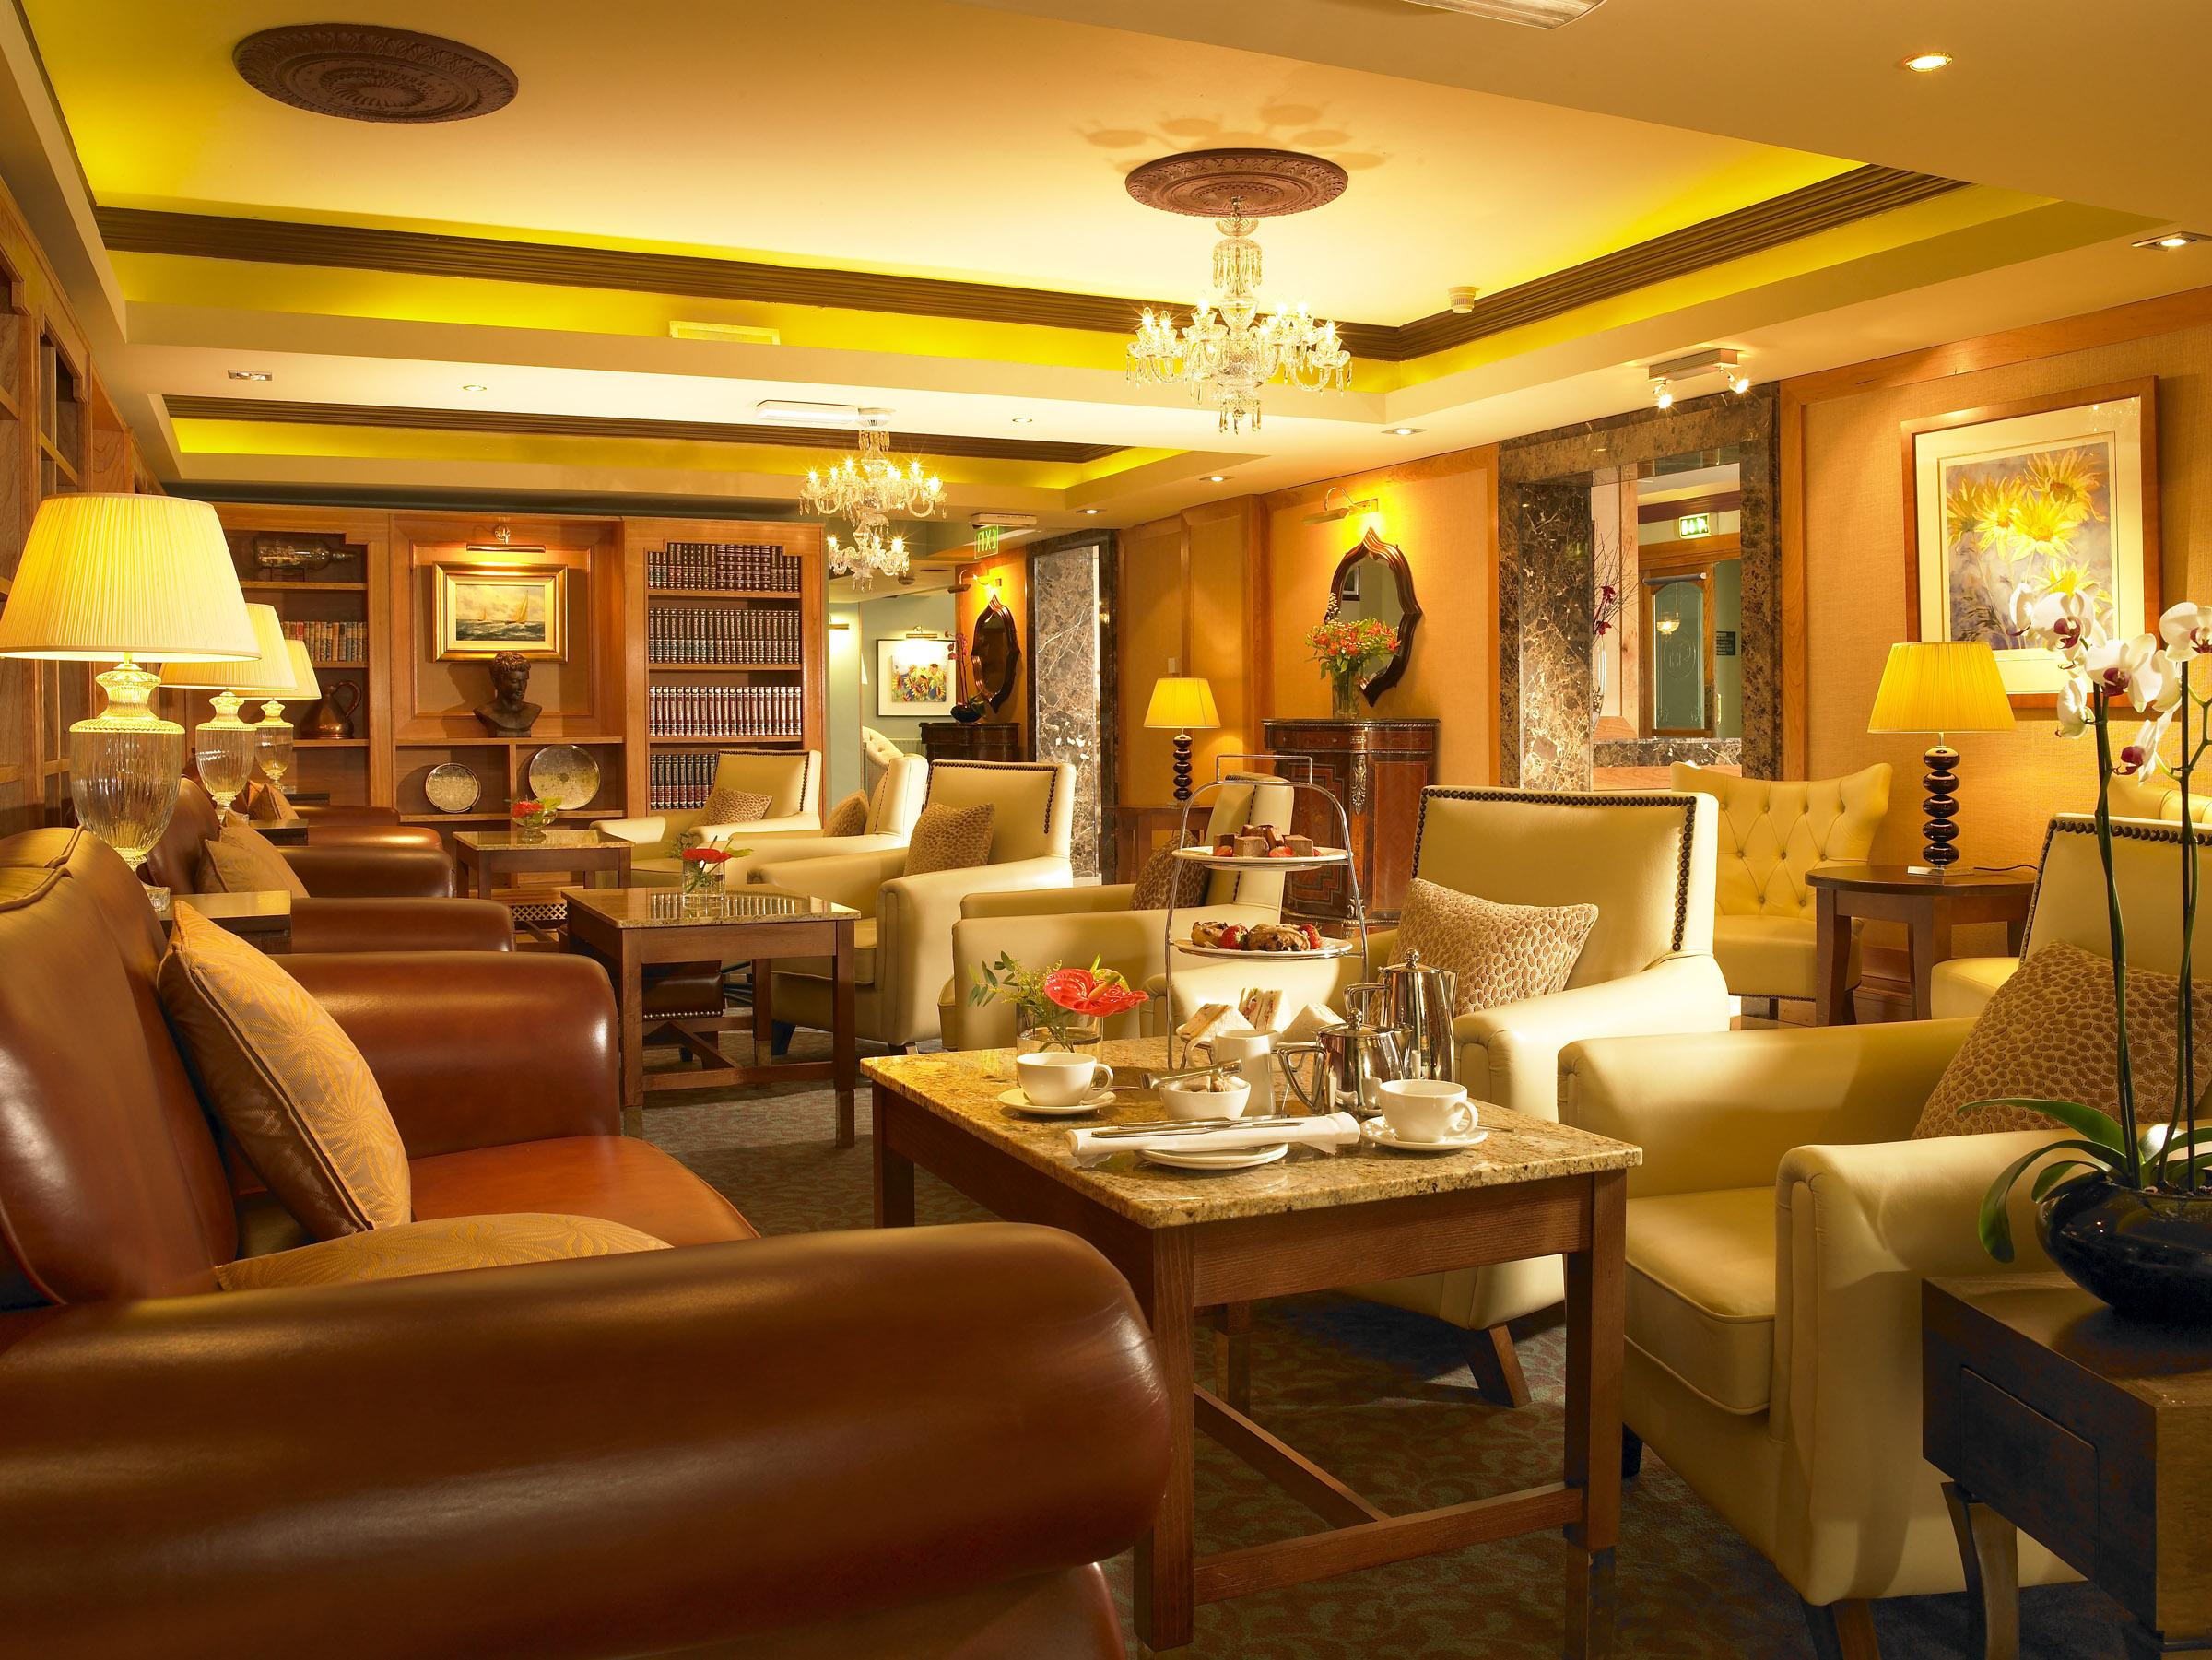 Review Castlecourt Hotel Westport